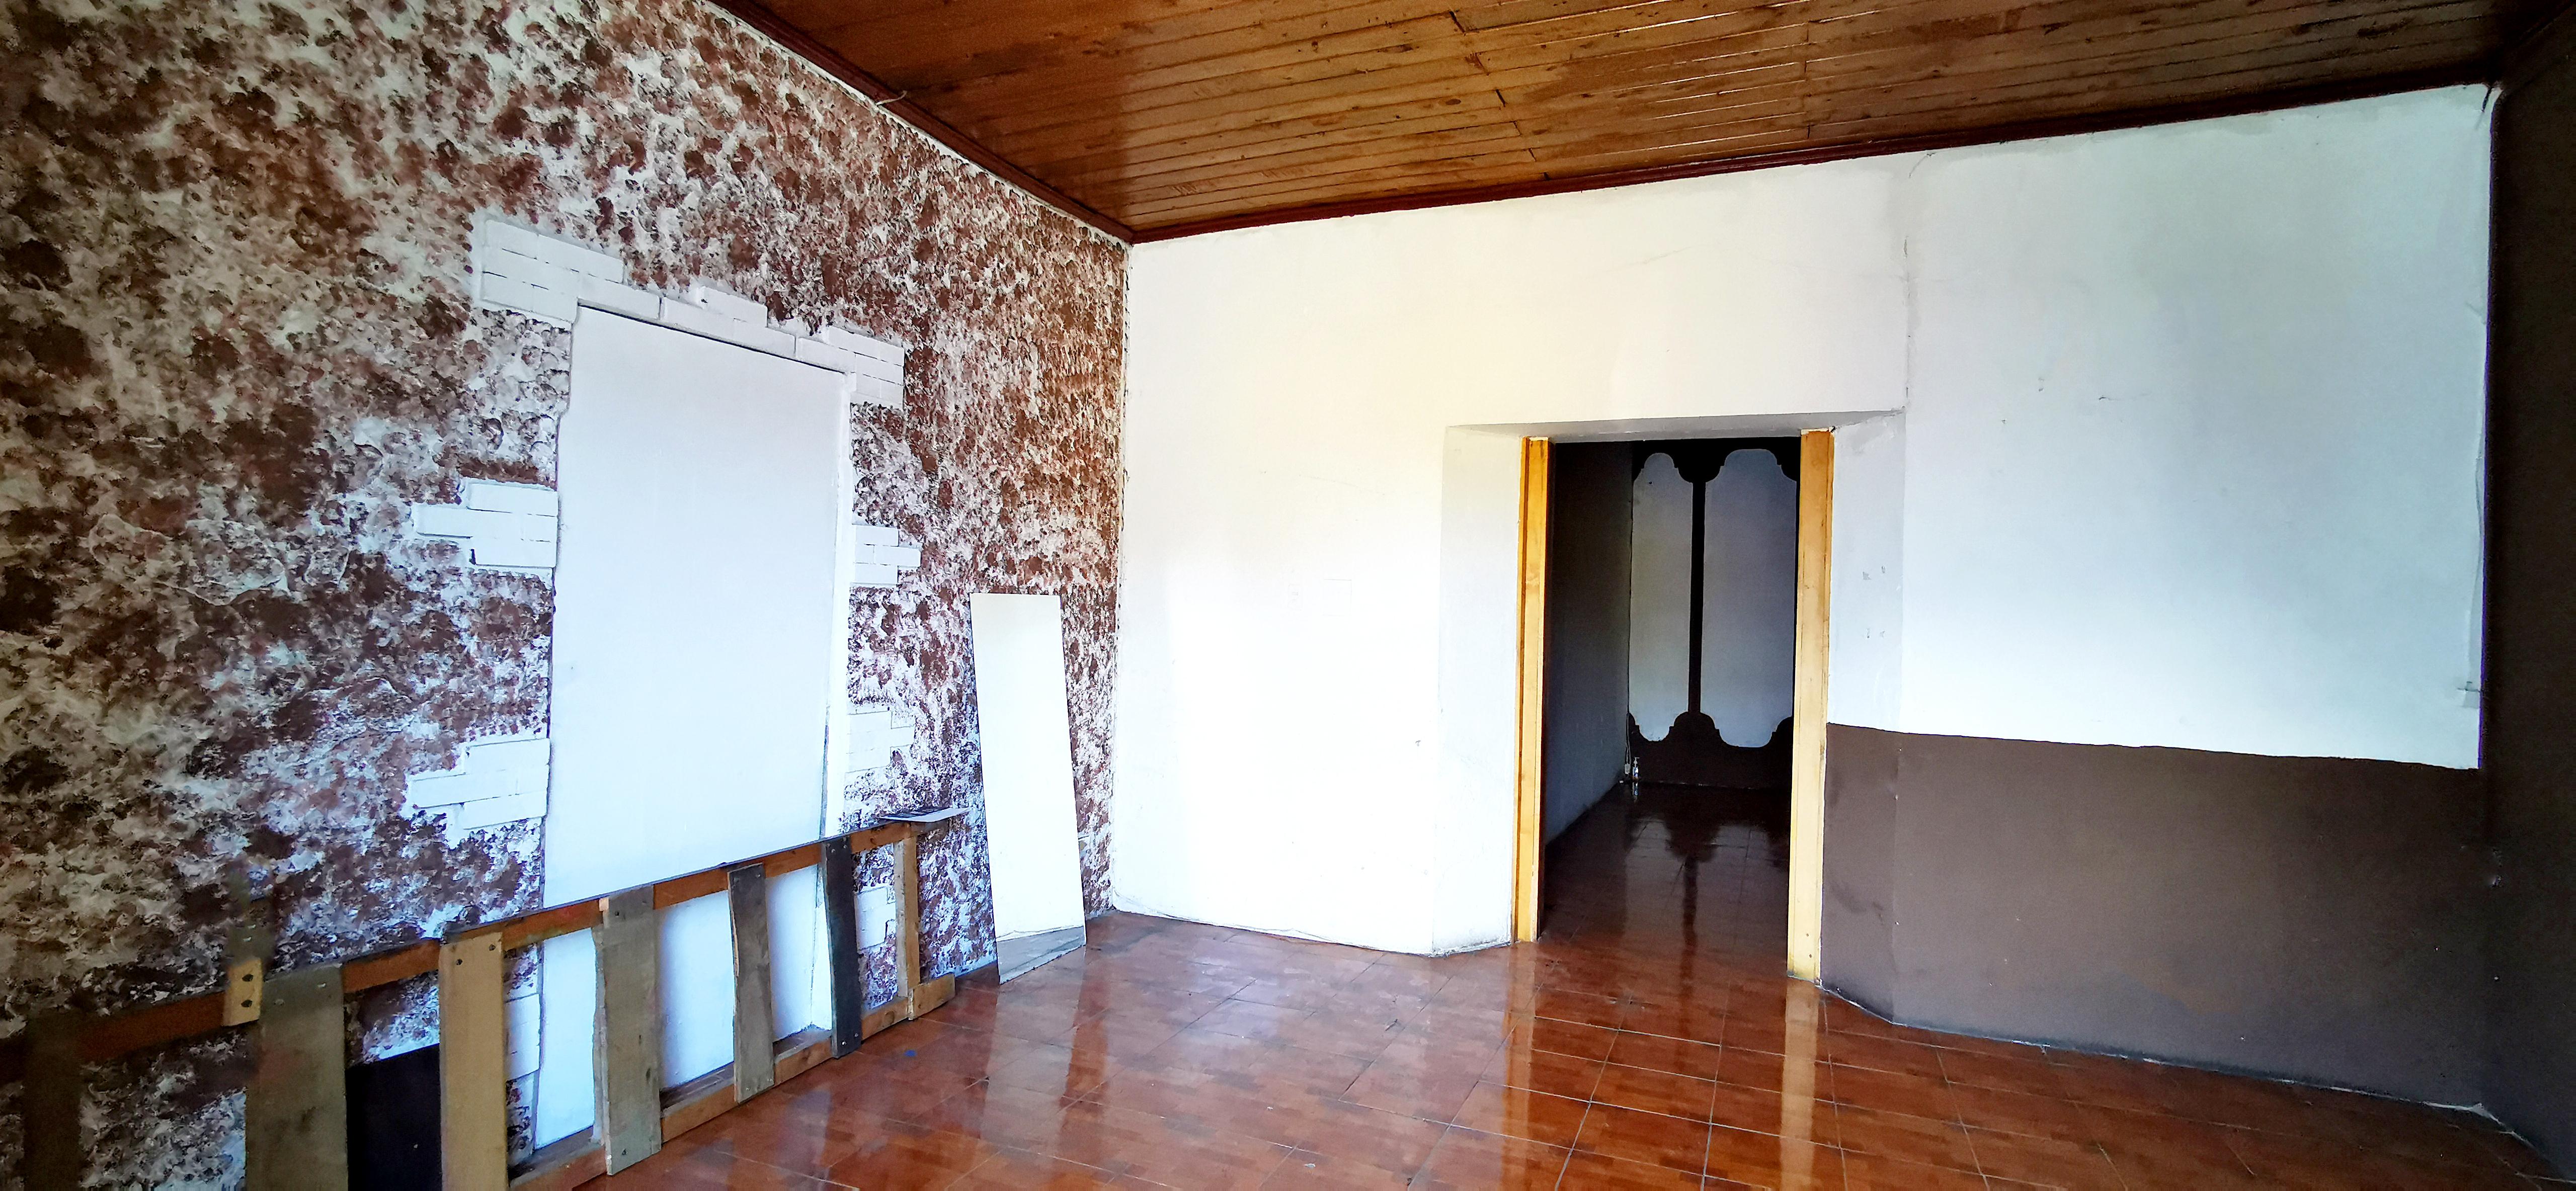 Local ideal para negocio en el centro de Antigua Guatemala